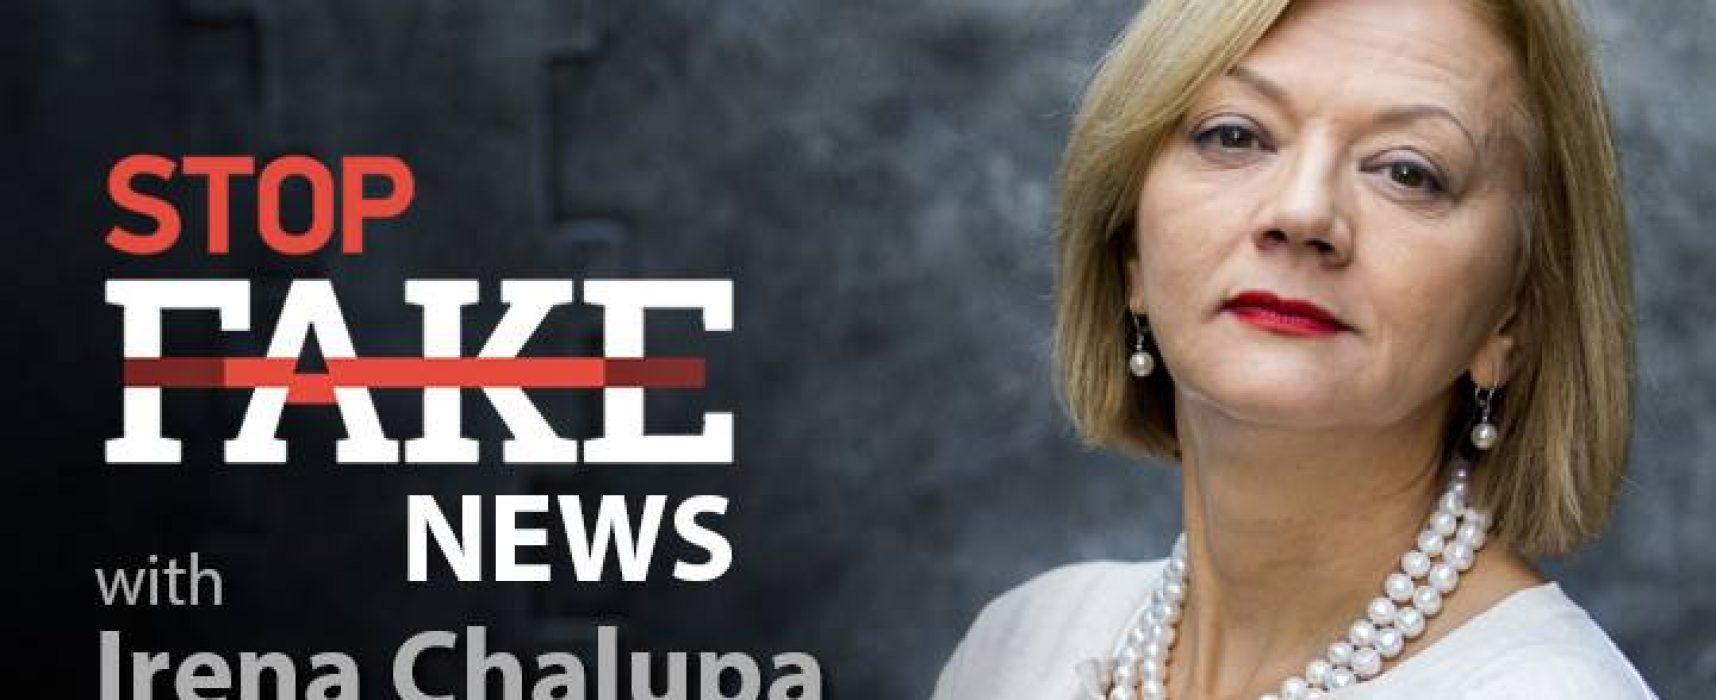 StopFakeNews #89 [Engels] met Irena Chalupa